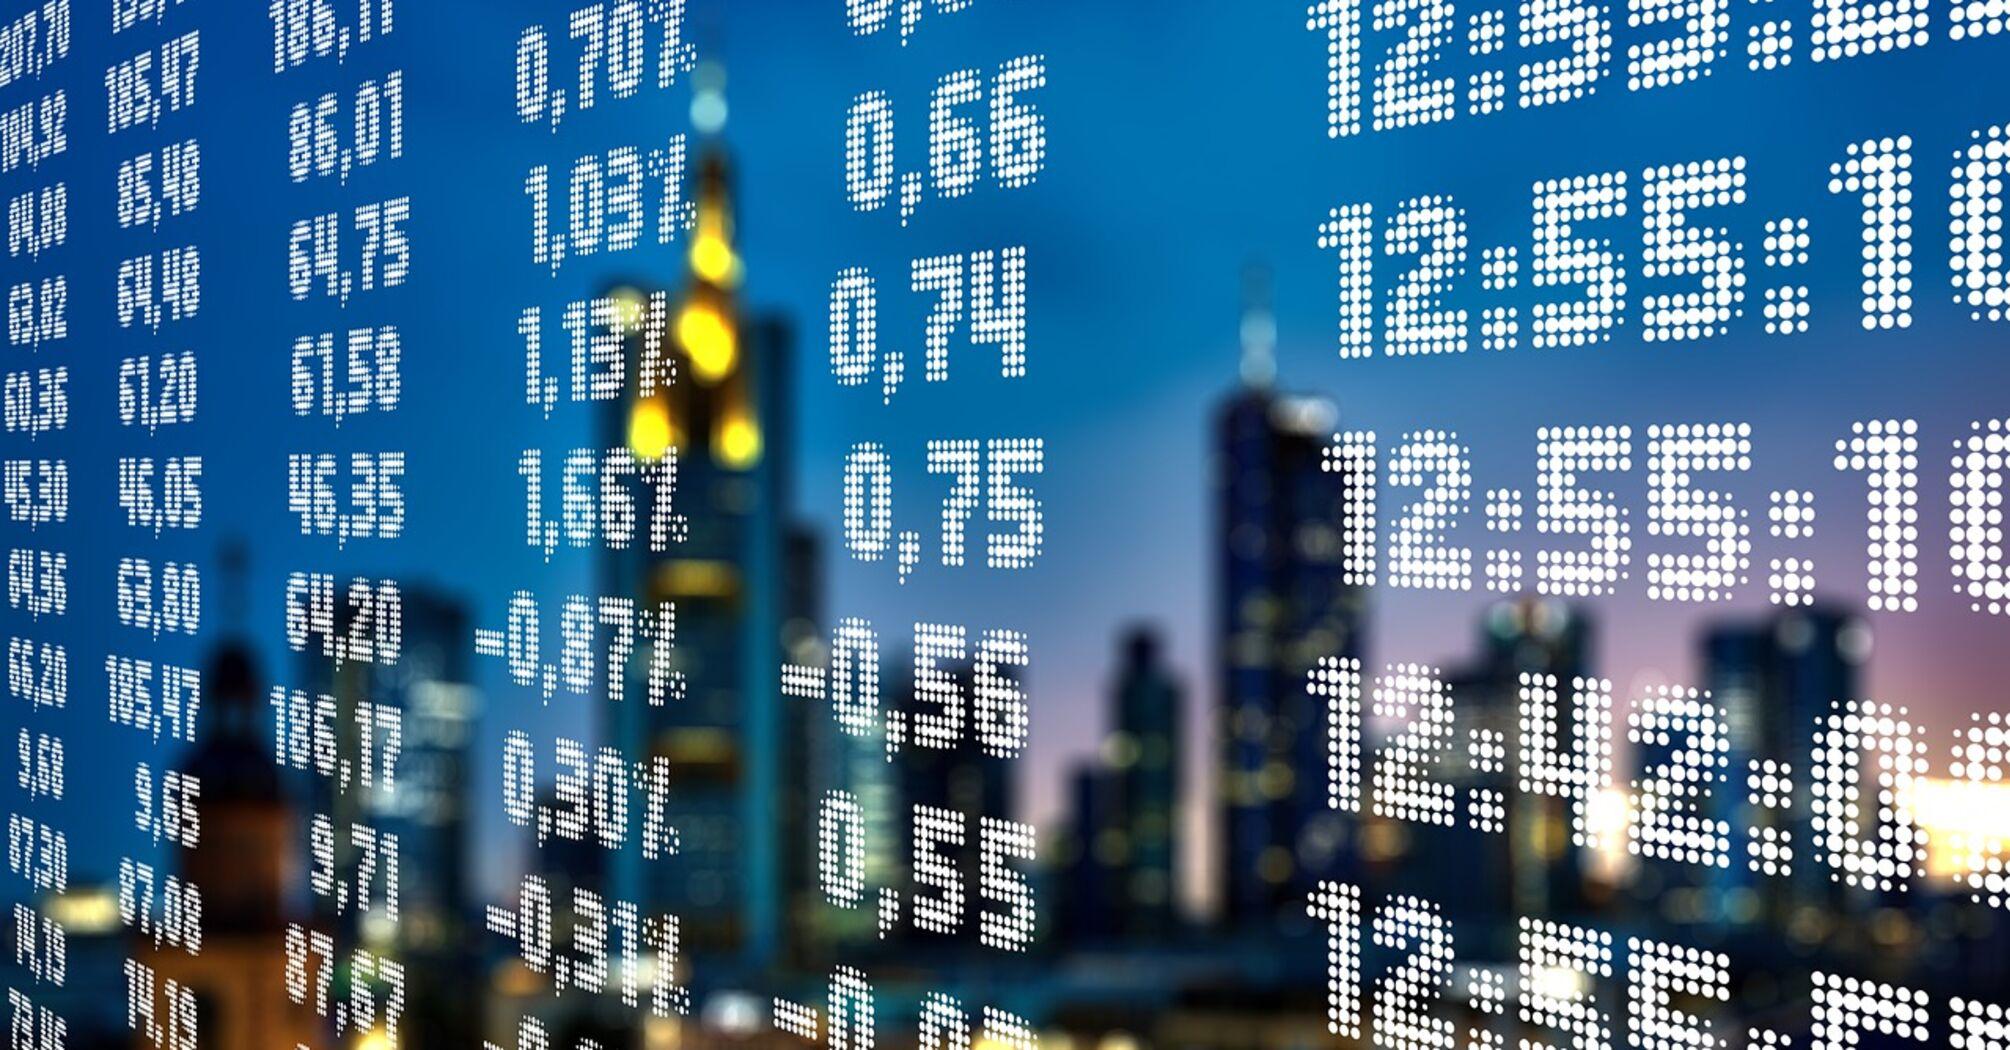 Найбільша кріптовалютная біржа США заявила про випуск акцій